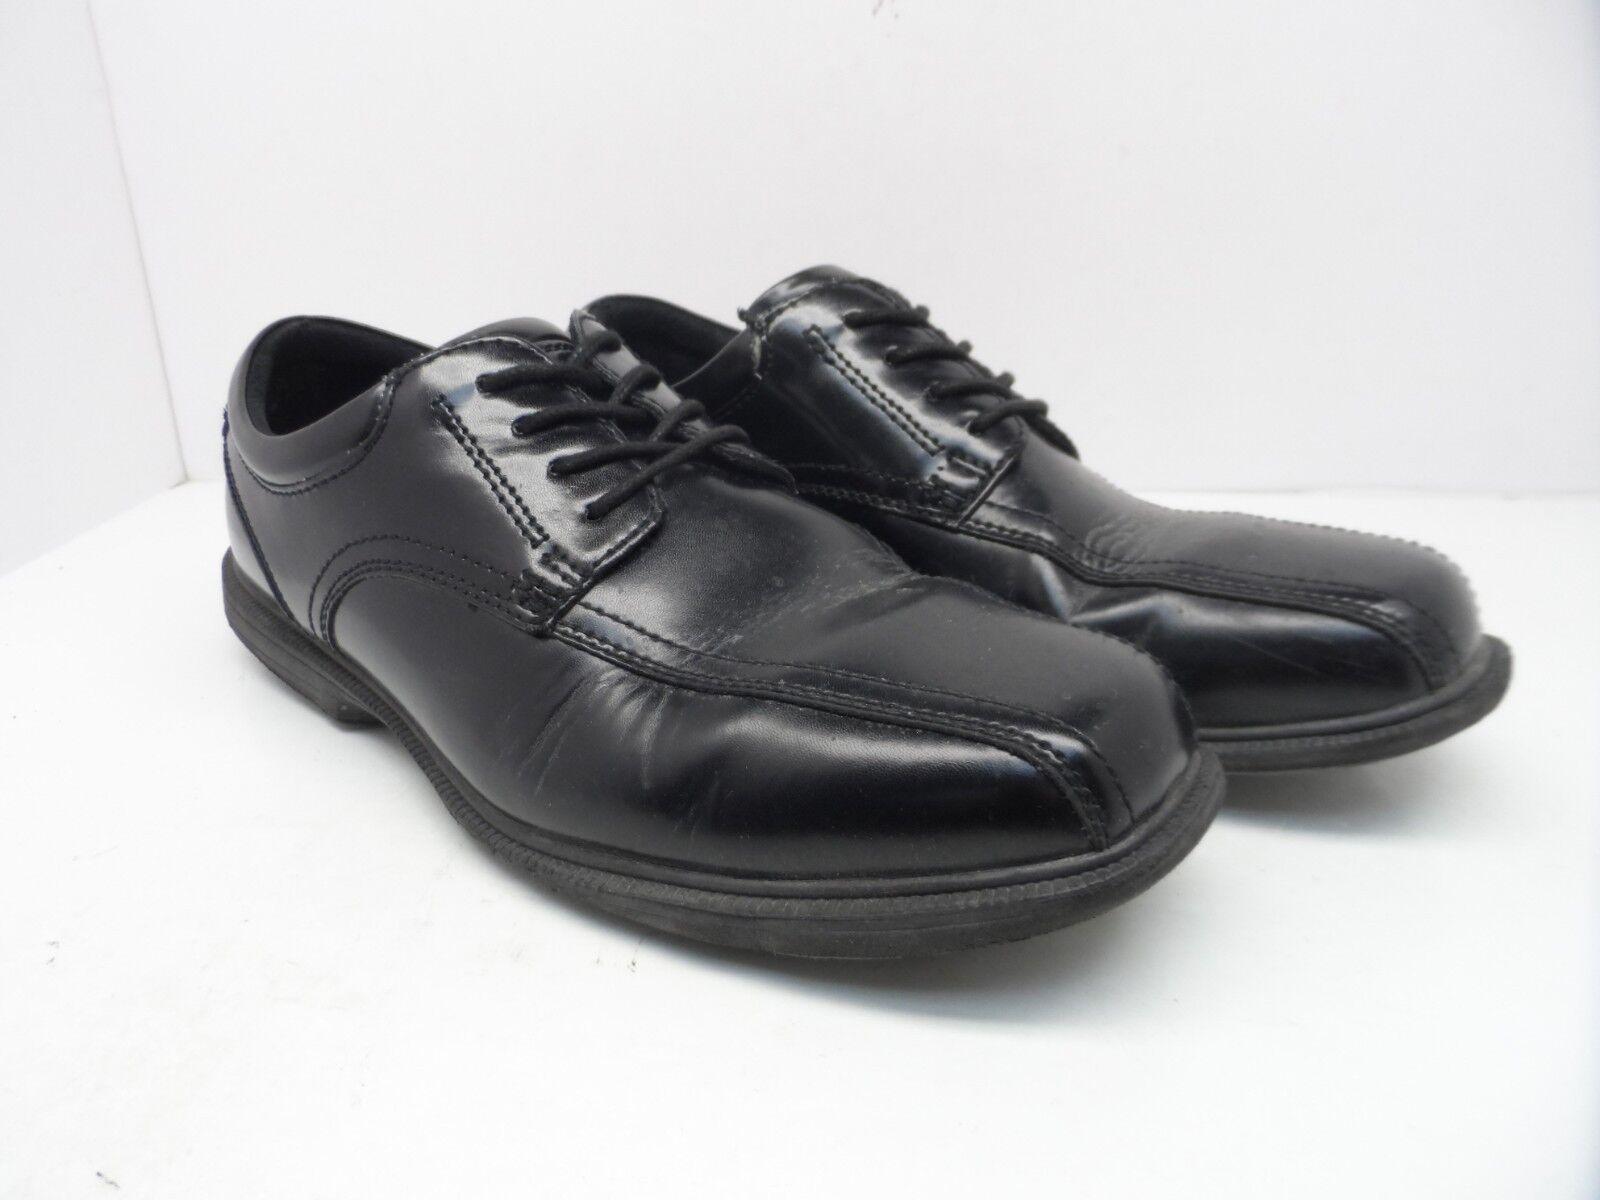 Nunn Bush Men's Shoe Bartole St Casual Dress Shoe Men's Oxford Black Size 12M d34789